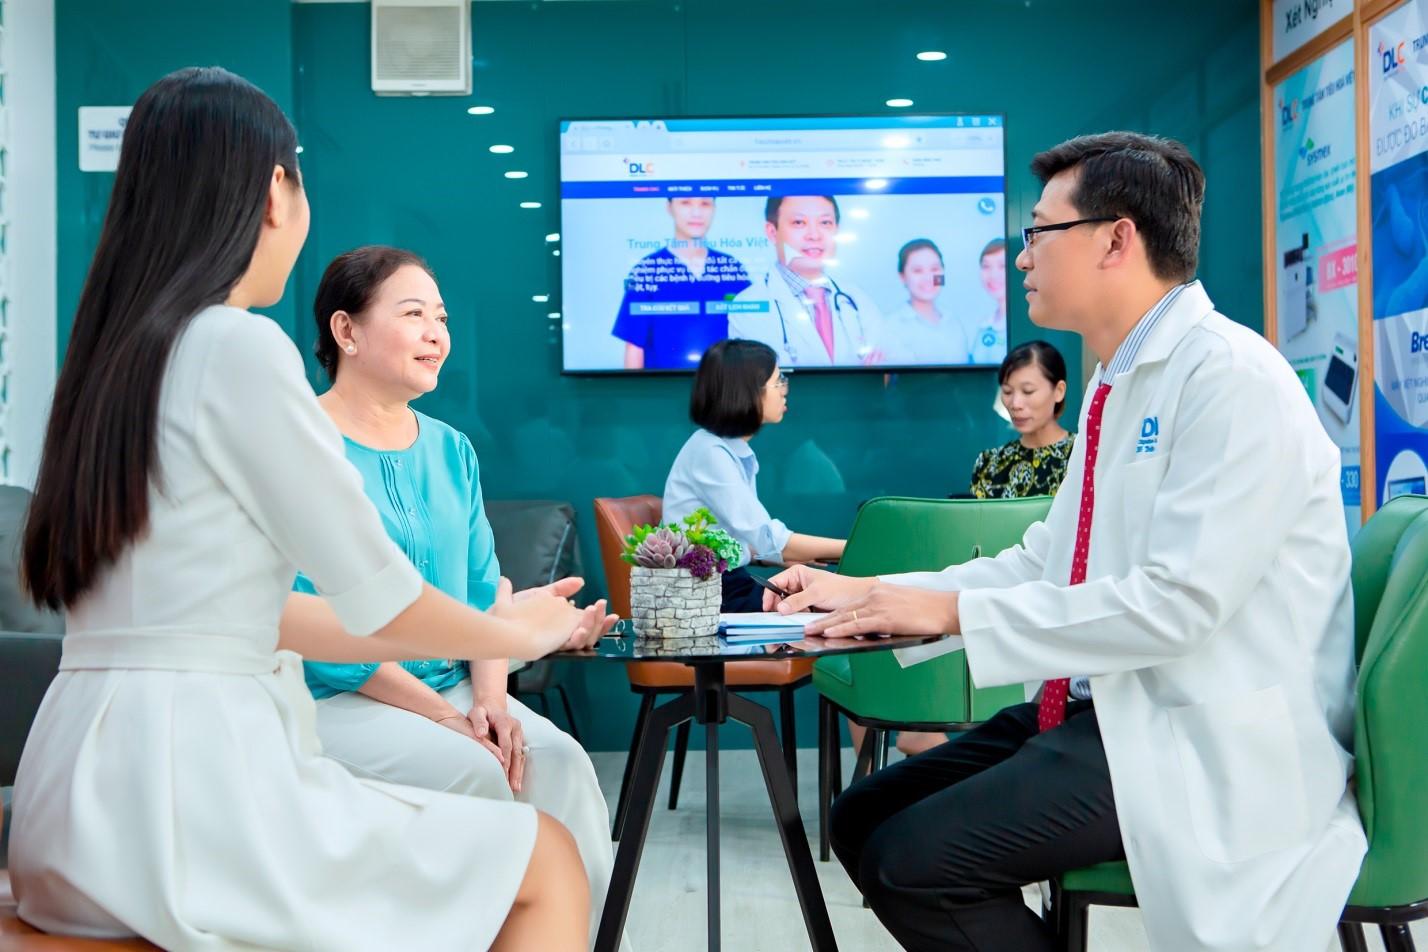 Hãy tới gặp bác sĩ chuyên khoa khi thấy cơ thể có bất thường